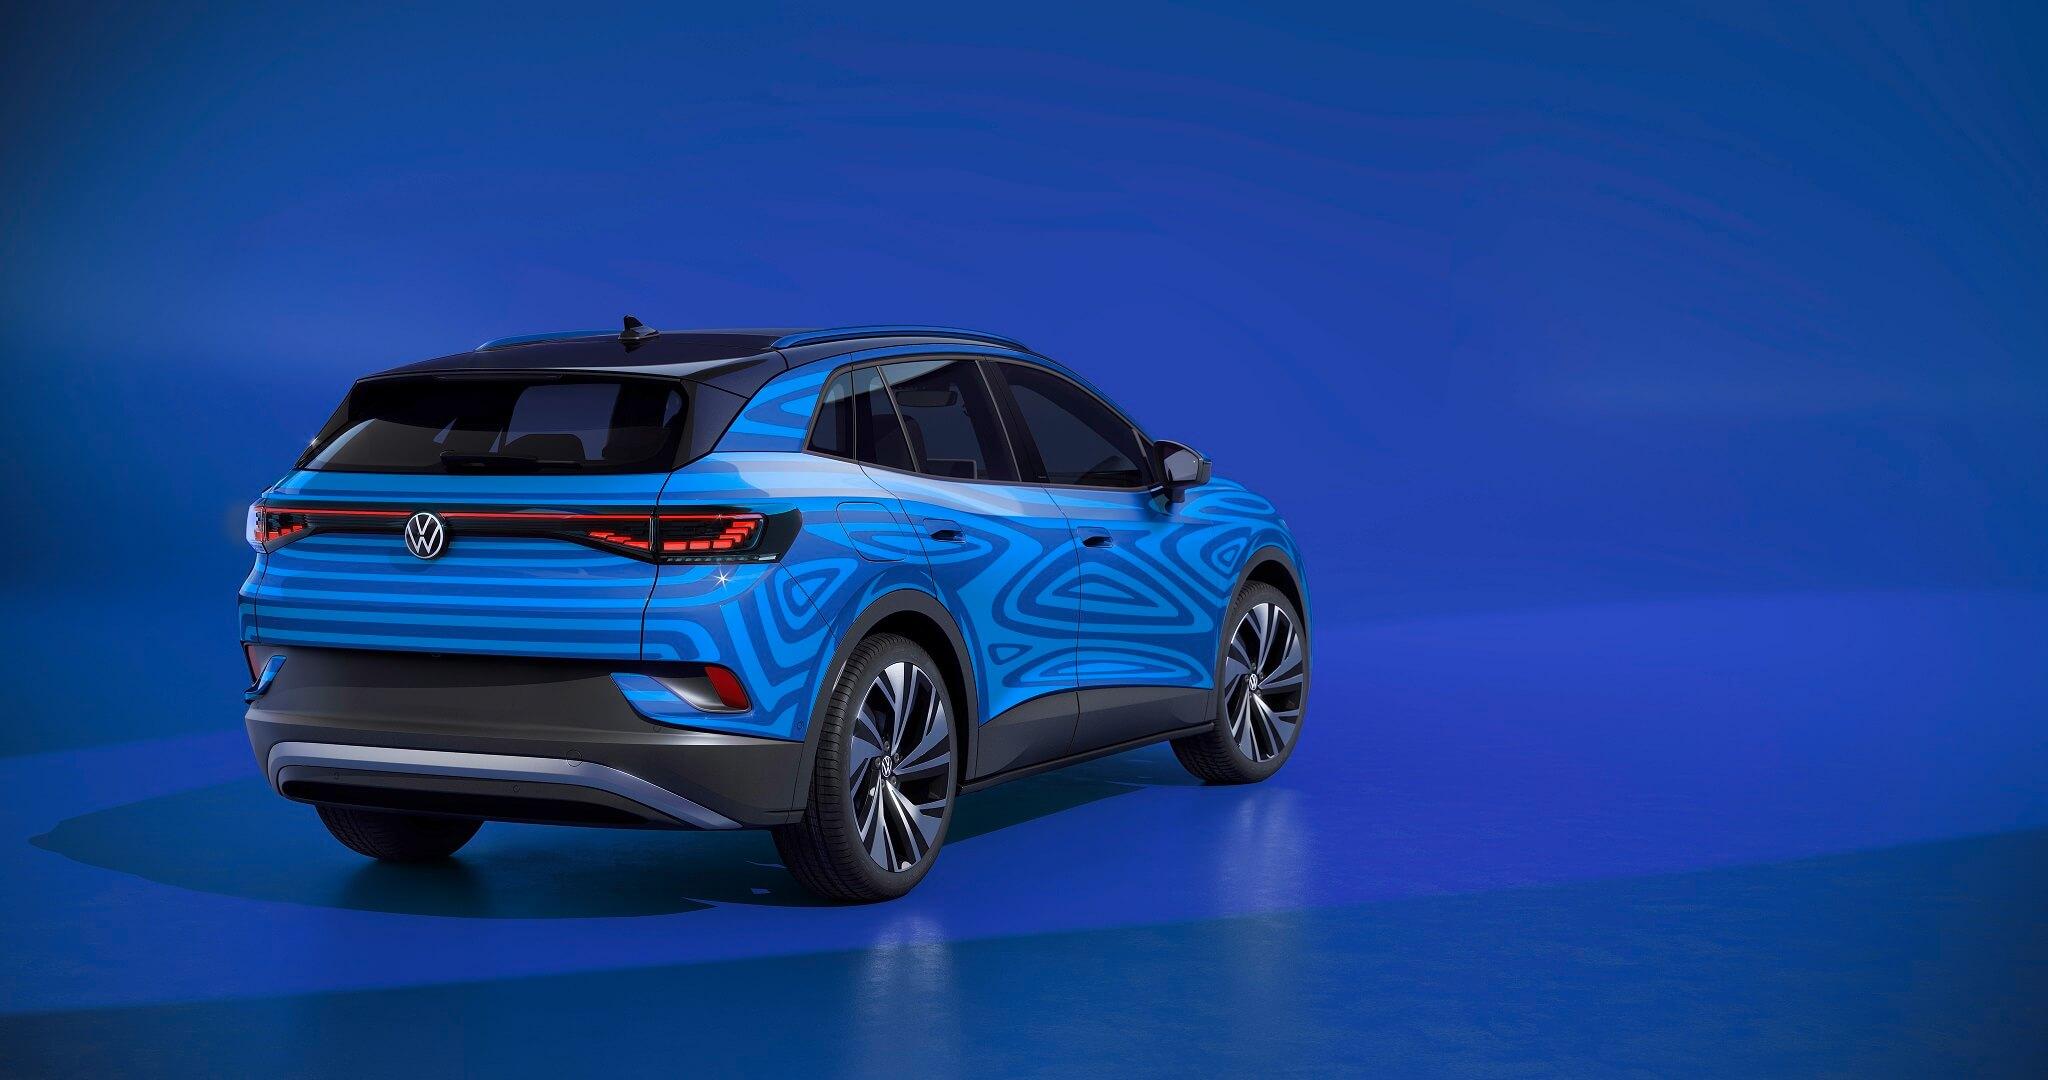 Volkswagen ID.4 concept car - Πίσω όψη